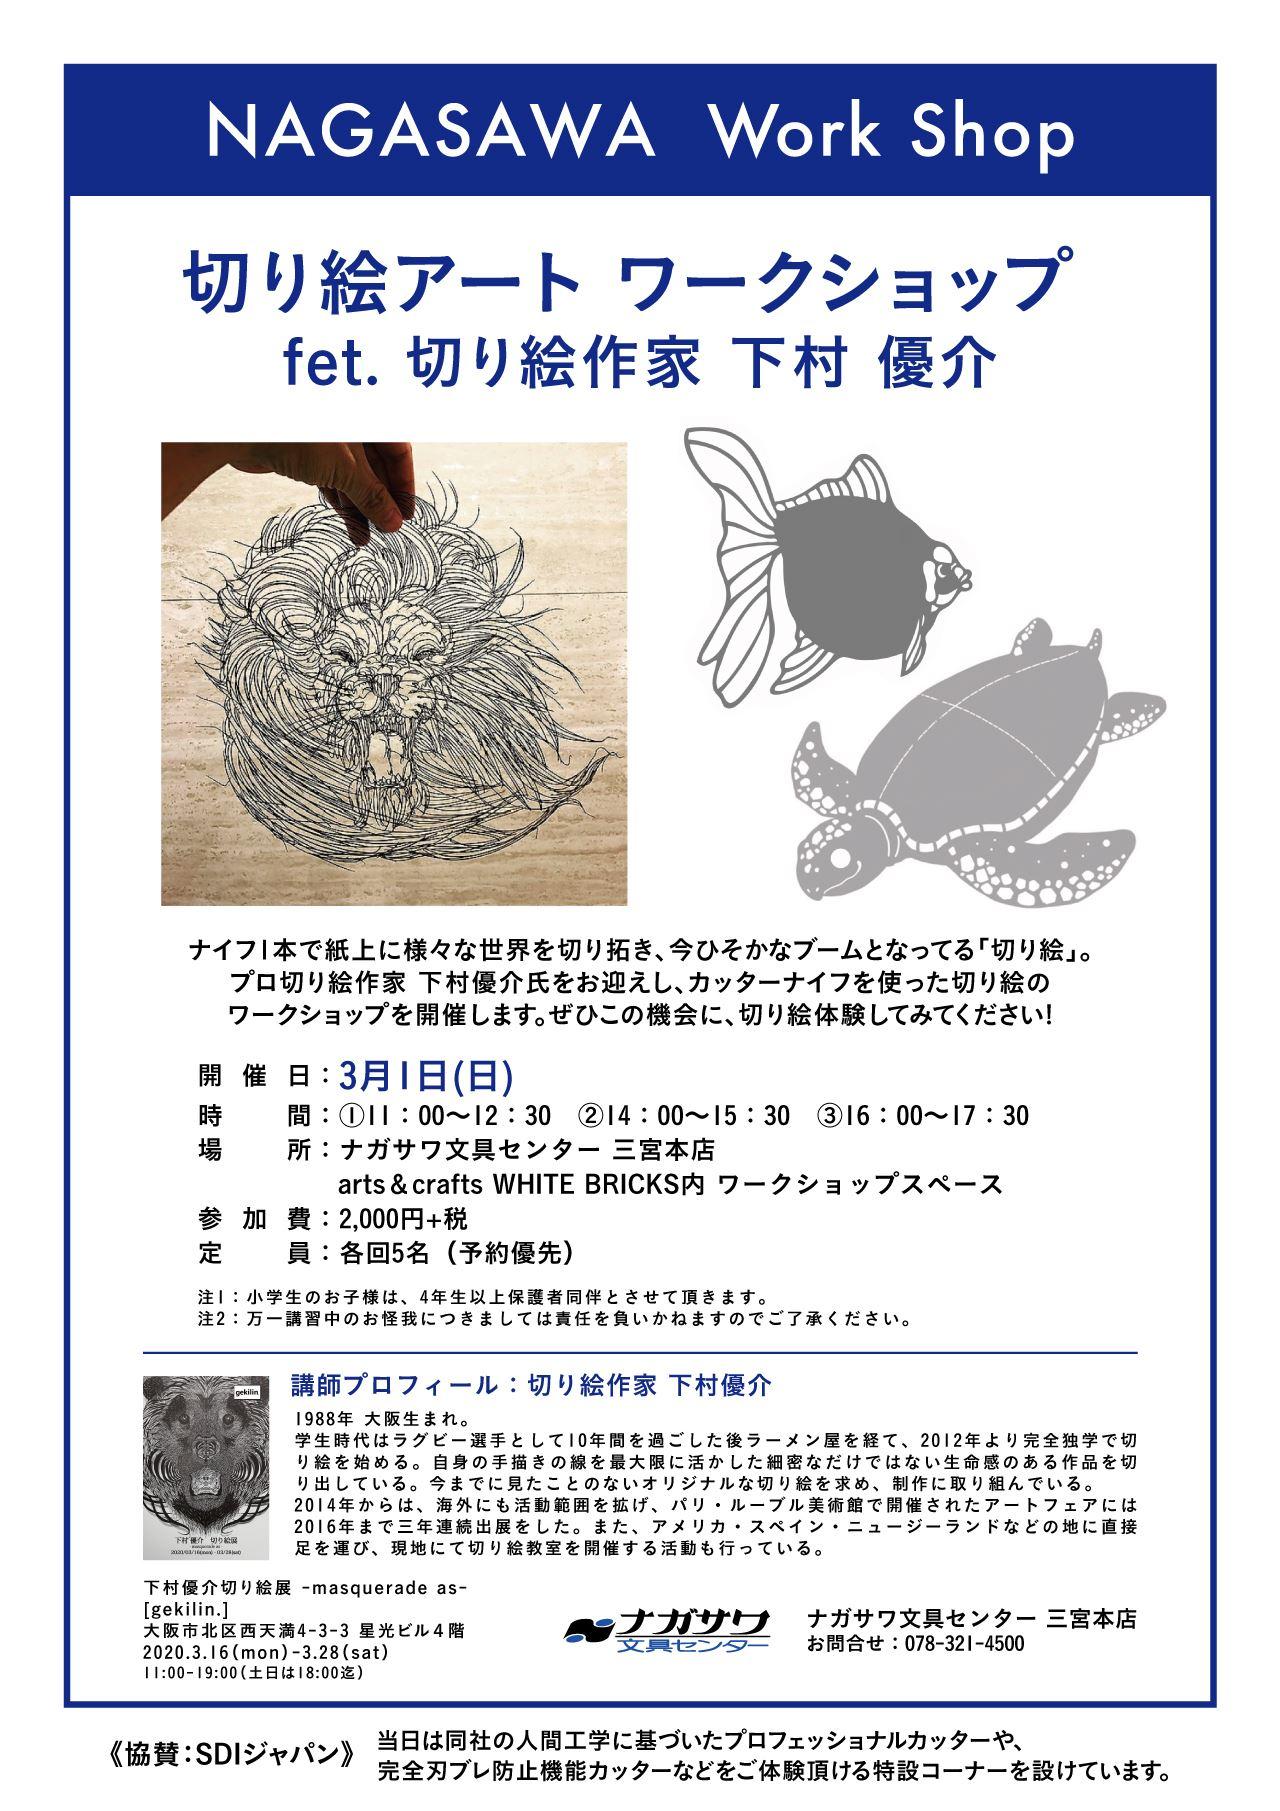 【本店】ナイフ1本で仕上げる芸術の世界。切り絵アートワークショップを開催!